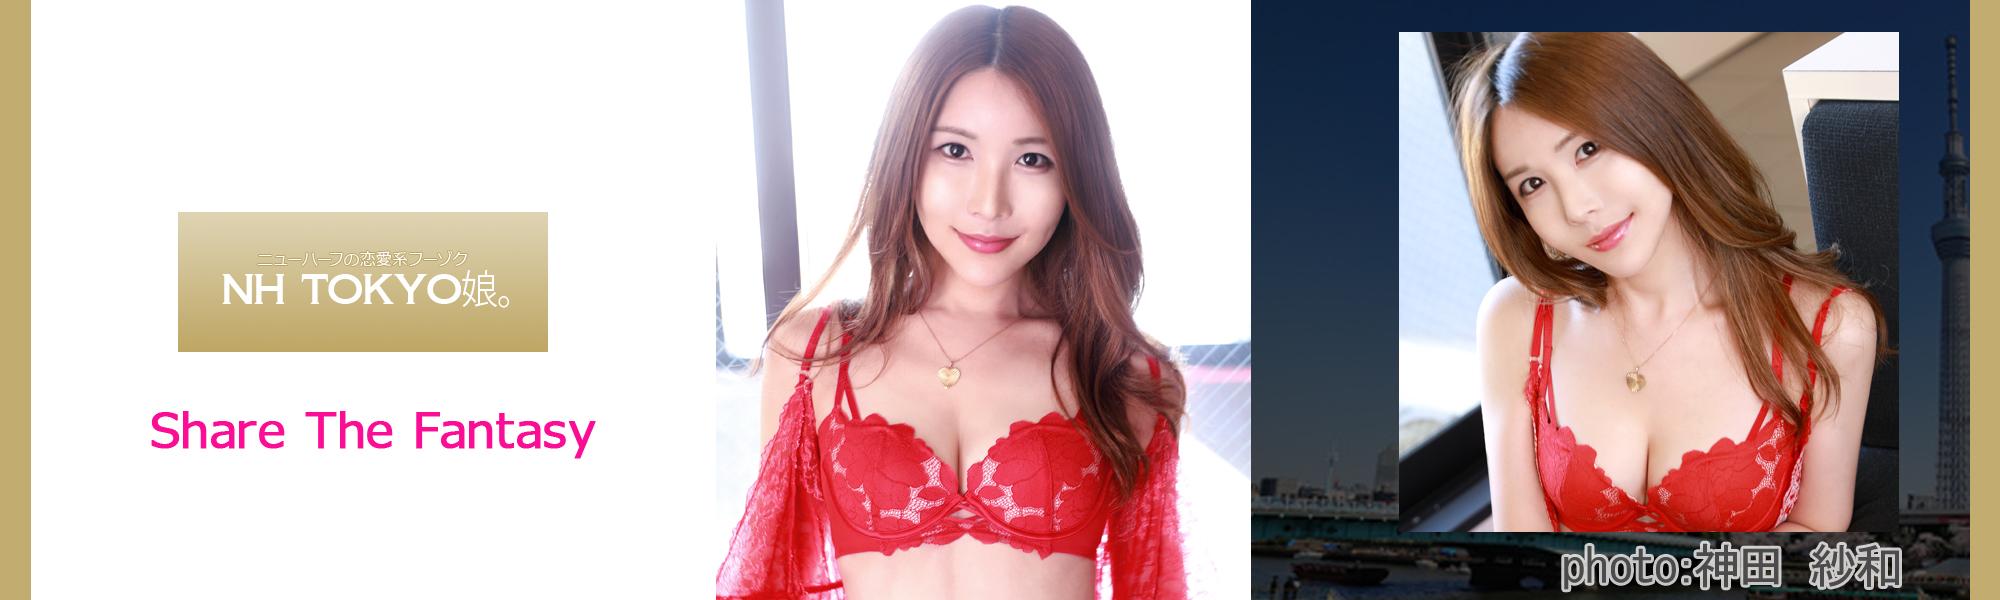 錦糸町ホテヘル ニューハーフのNH TOKYO娘。20年04月_神田 紗和